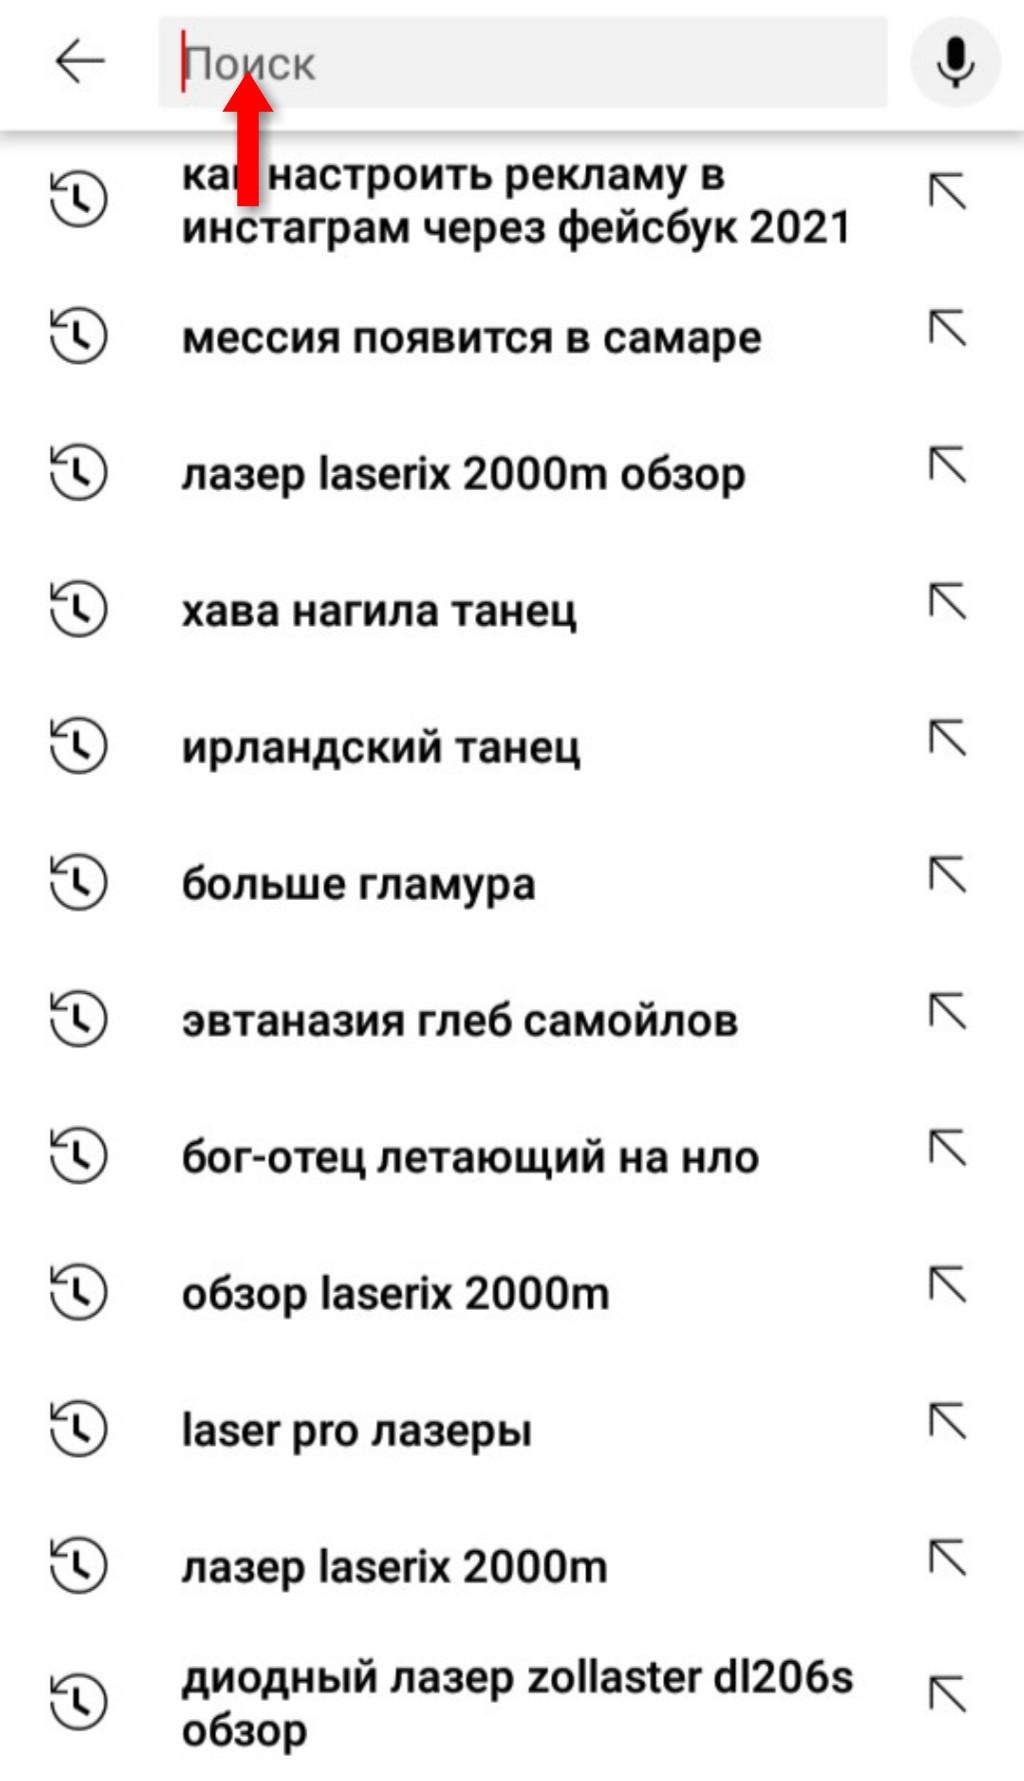 InFrame_1627991295160.jpg